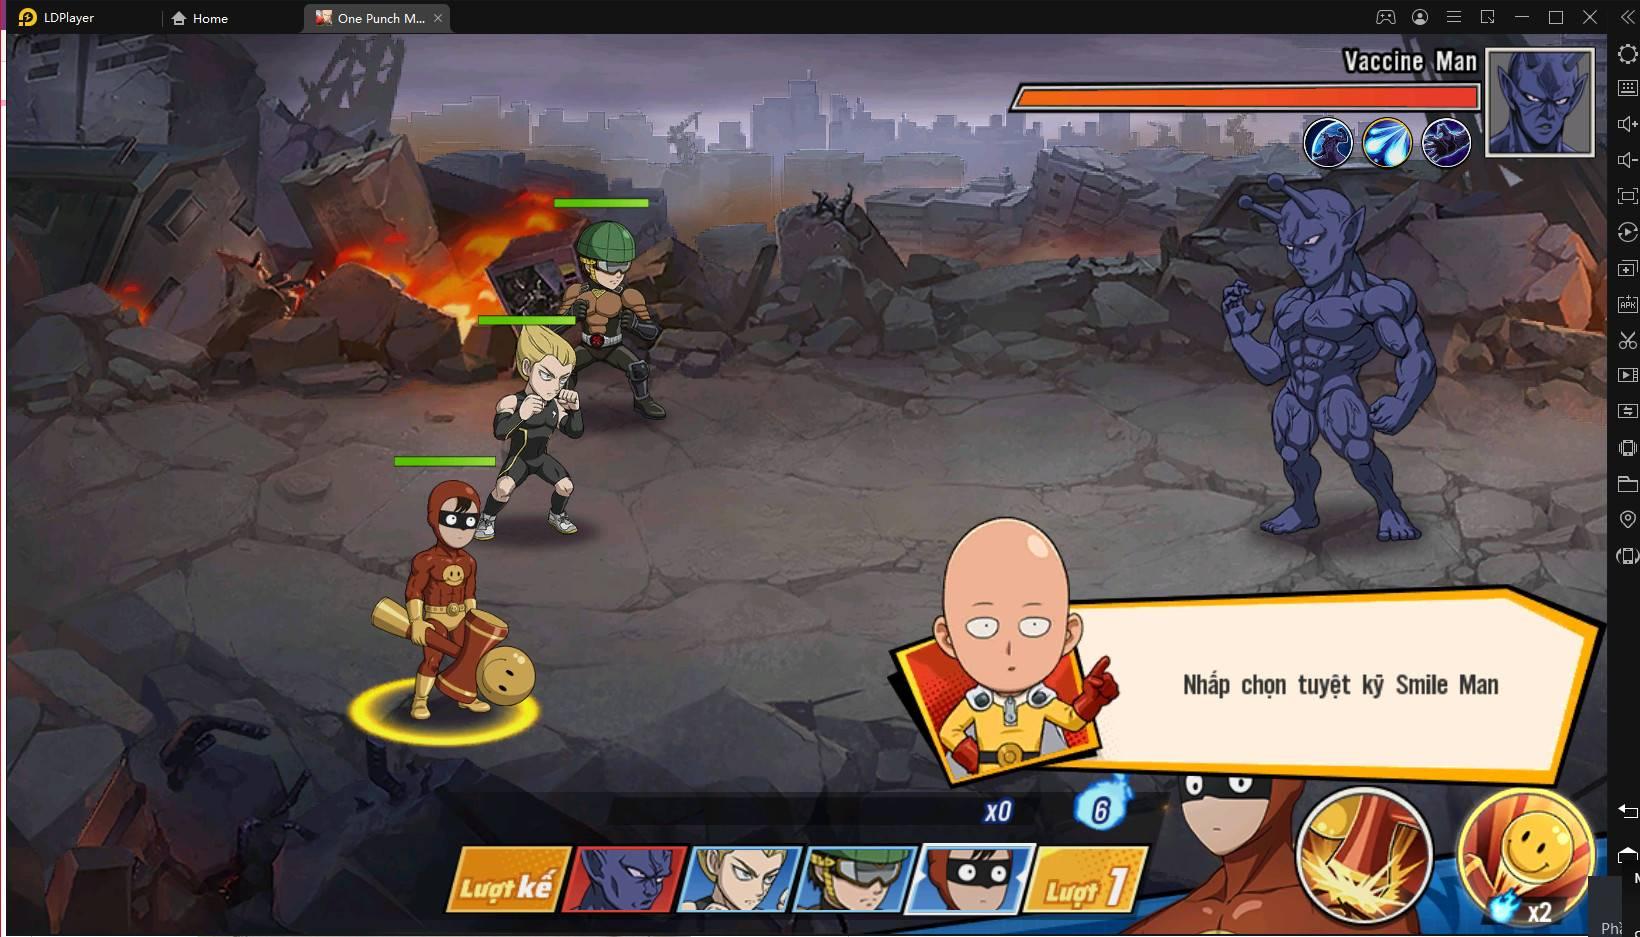 Chơi One Punch Man: The Strongest trên PC cùng LDPlayer